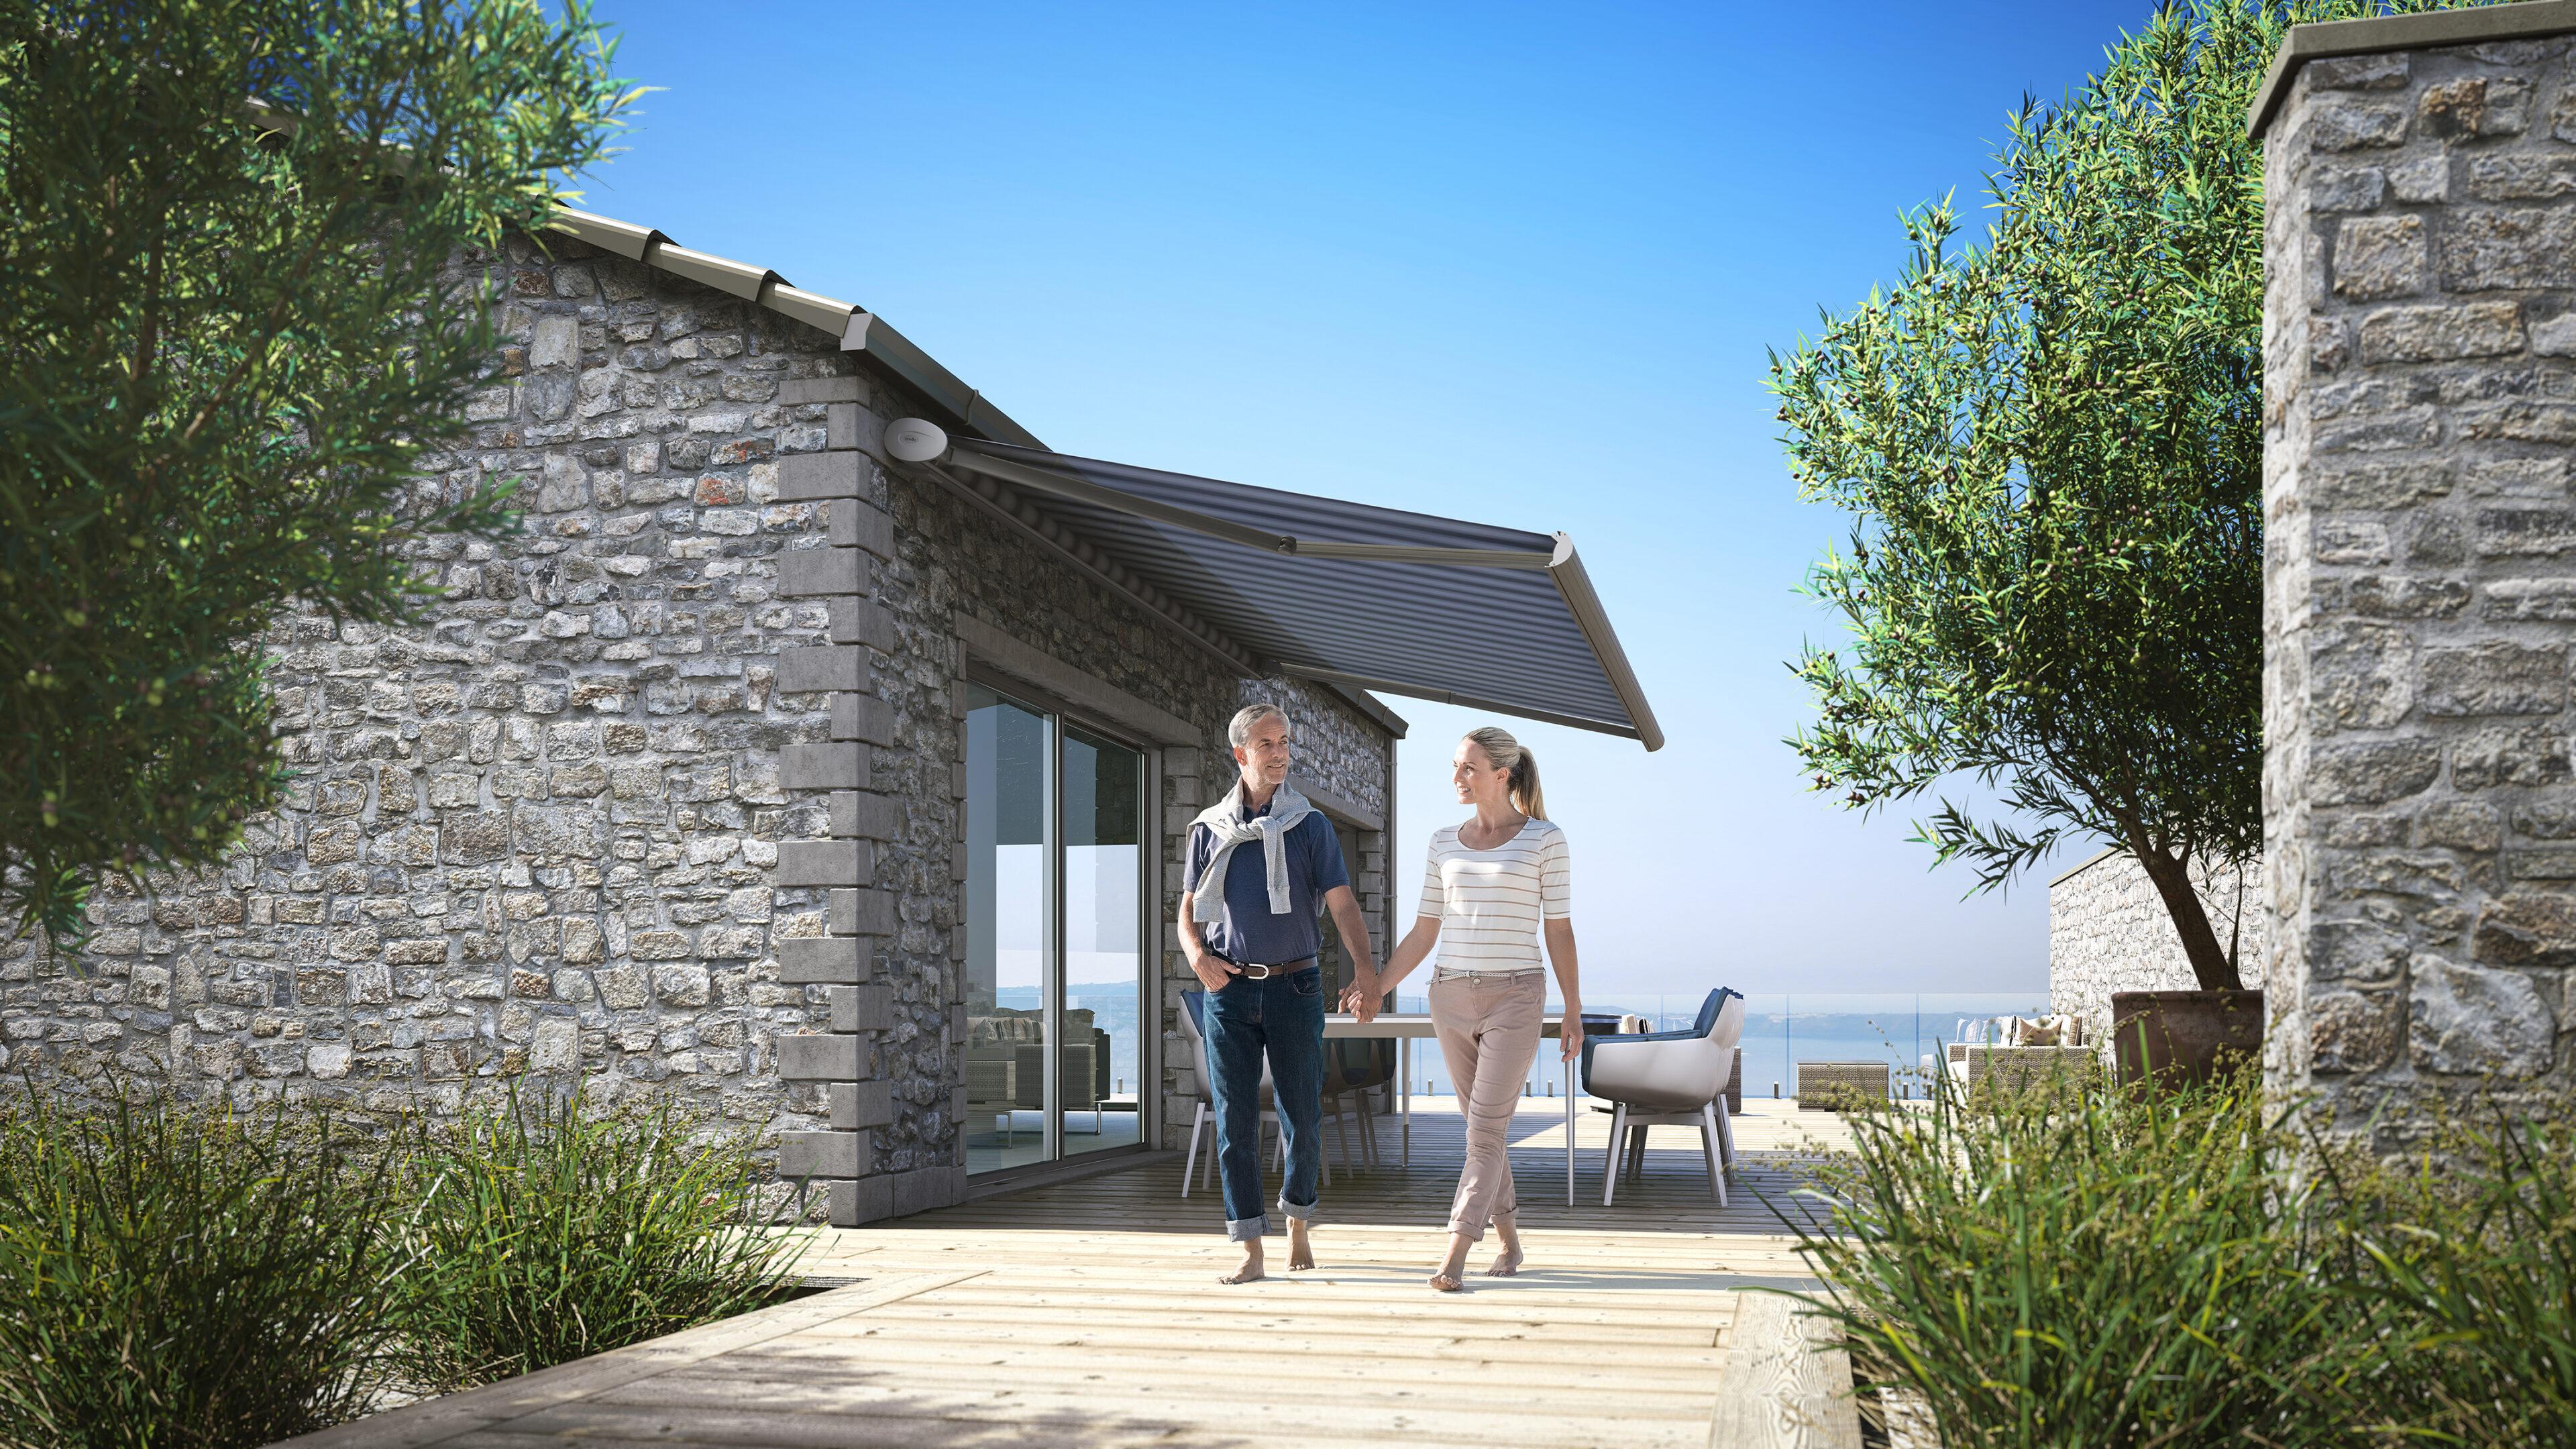 kadeco_markise_360_terrasse_blau_web-scaled Outdoor und Insektenschutz